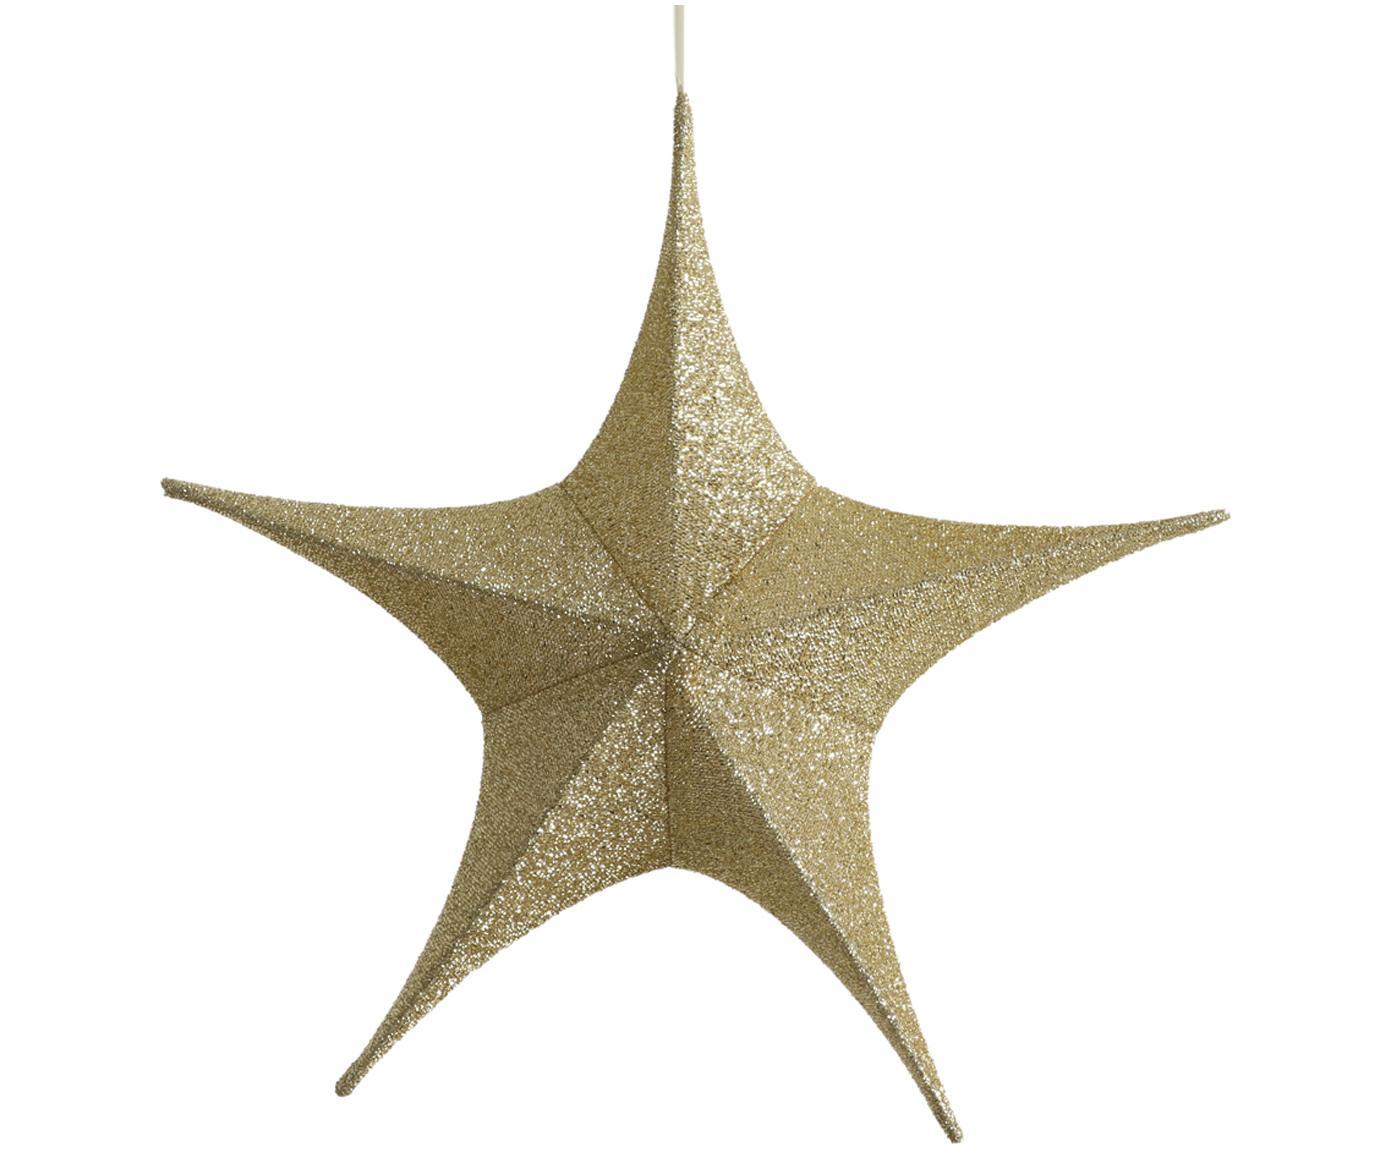 Stella decorativa da appendere Kamilla, Rivestimento: poliestere, Struttura: metallo, Dorato, Larg. 65 x Alt. 60 cm